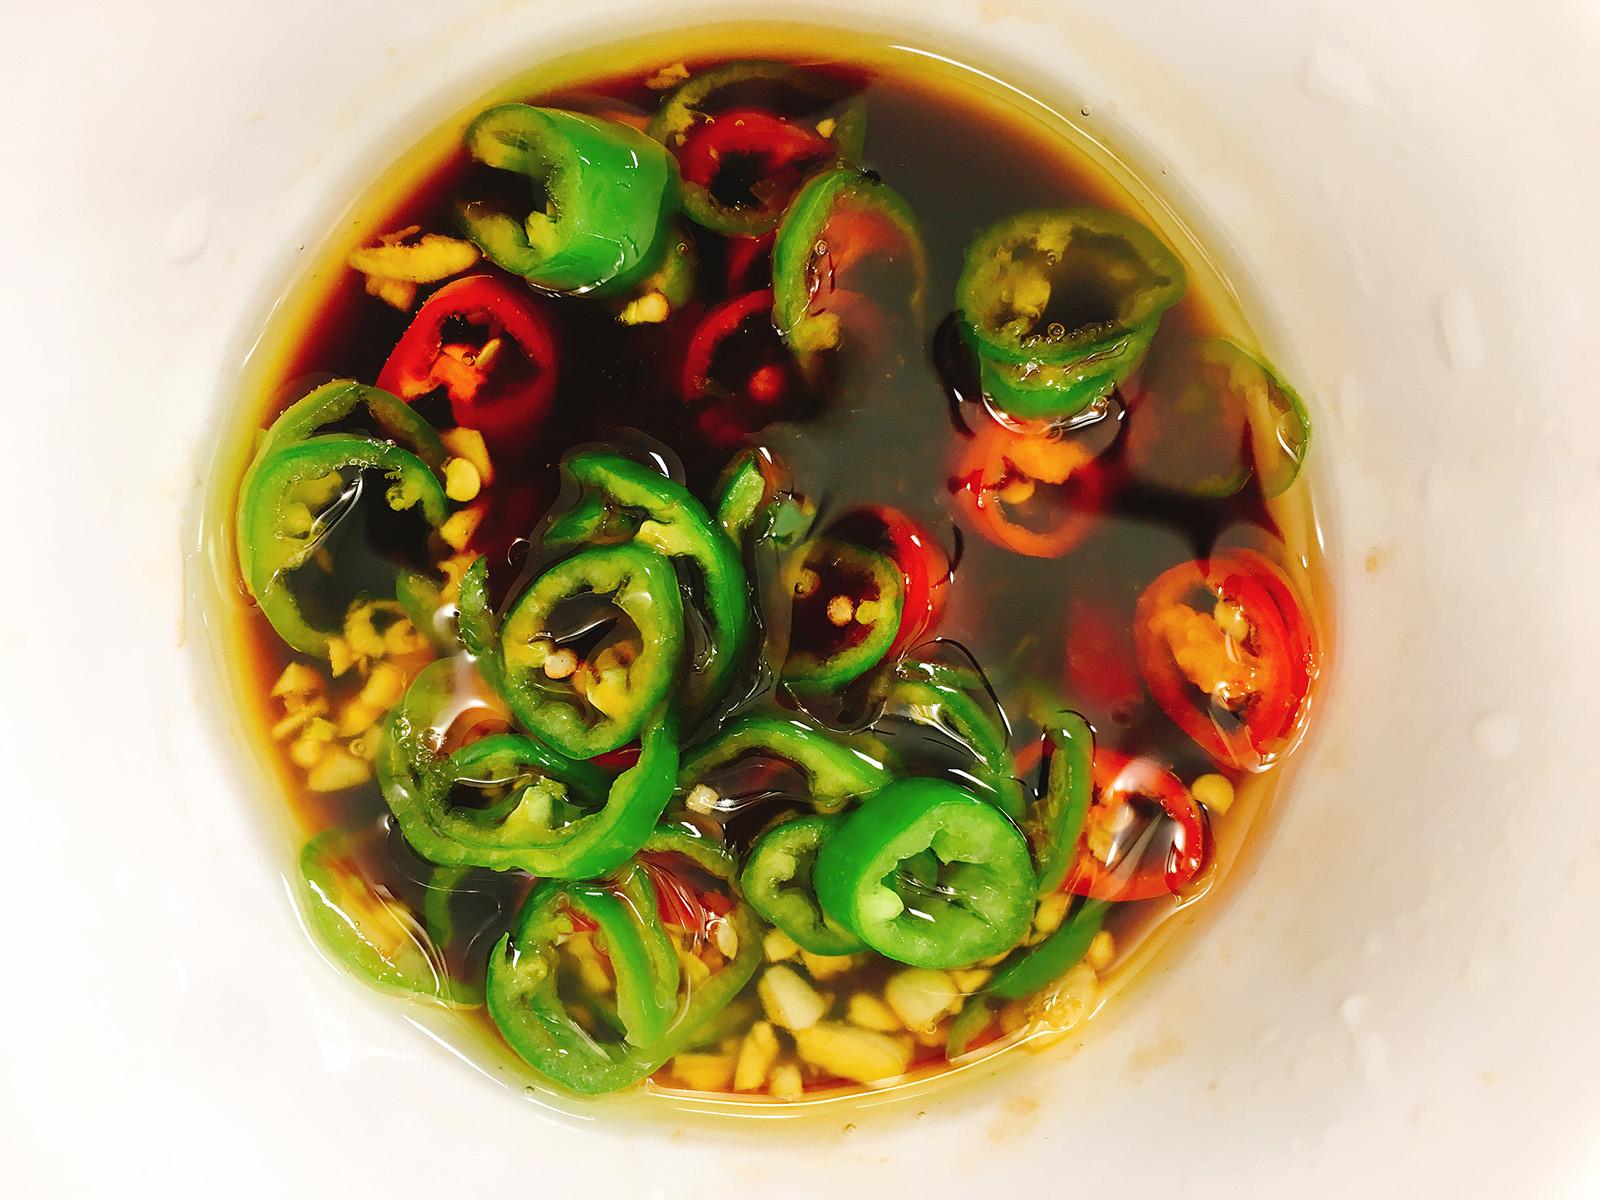 夏天茄子就该这样吃,酸辣爽口,开胃下饭 美食做法 第4张